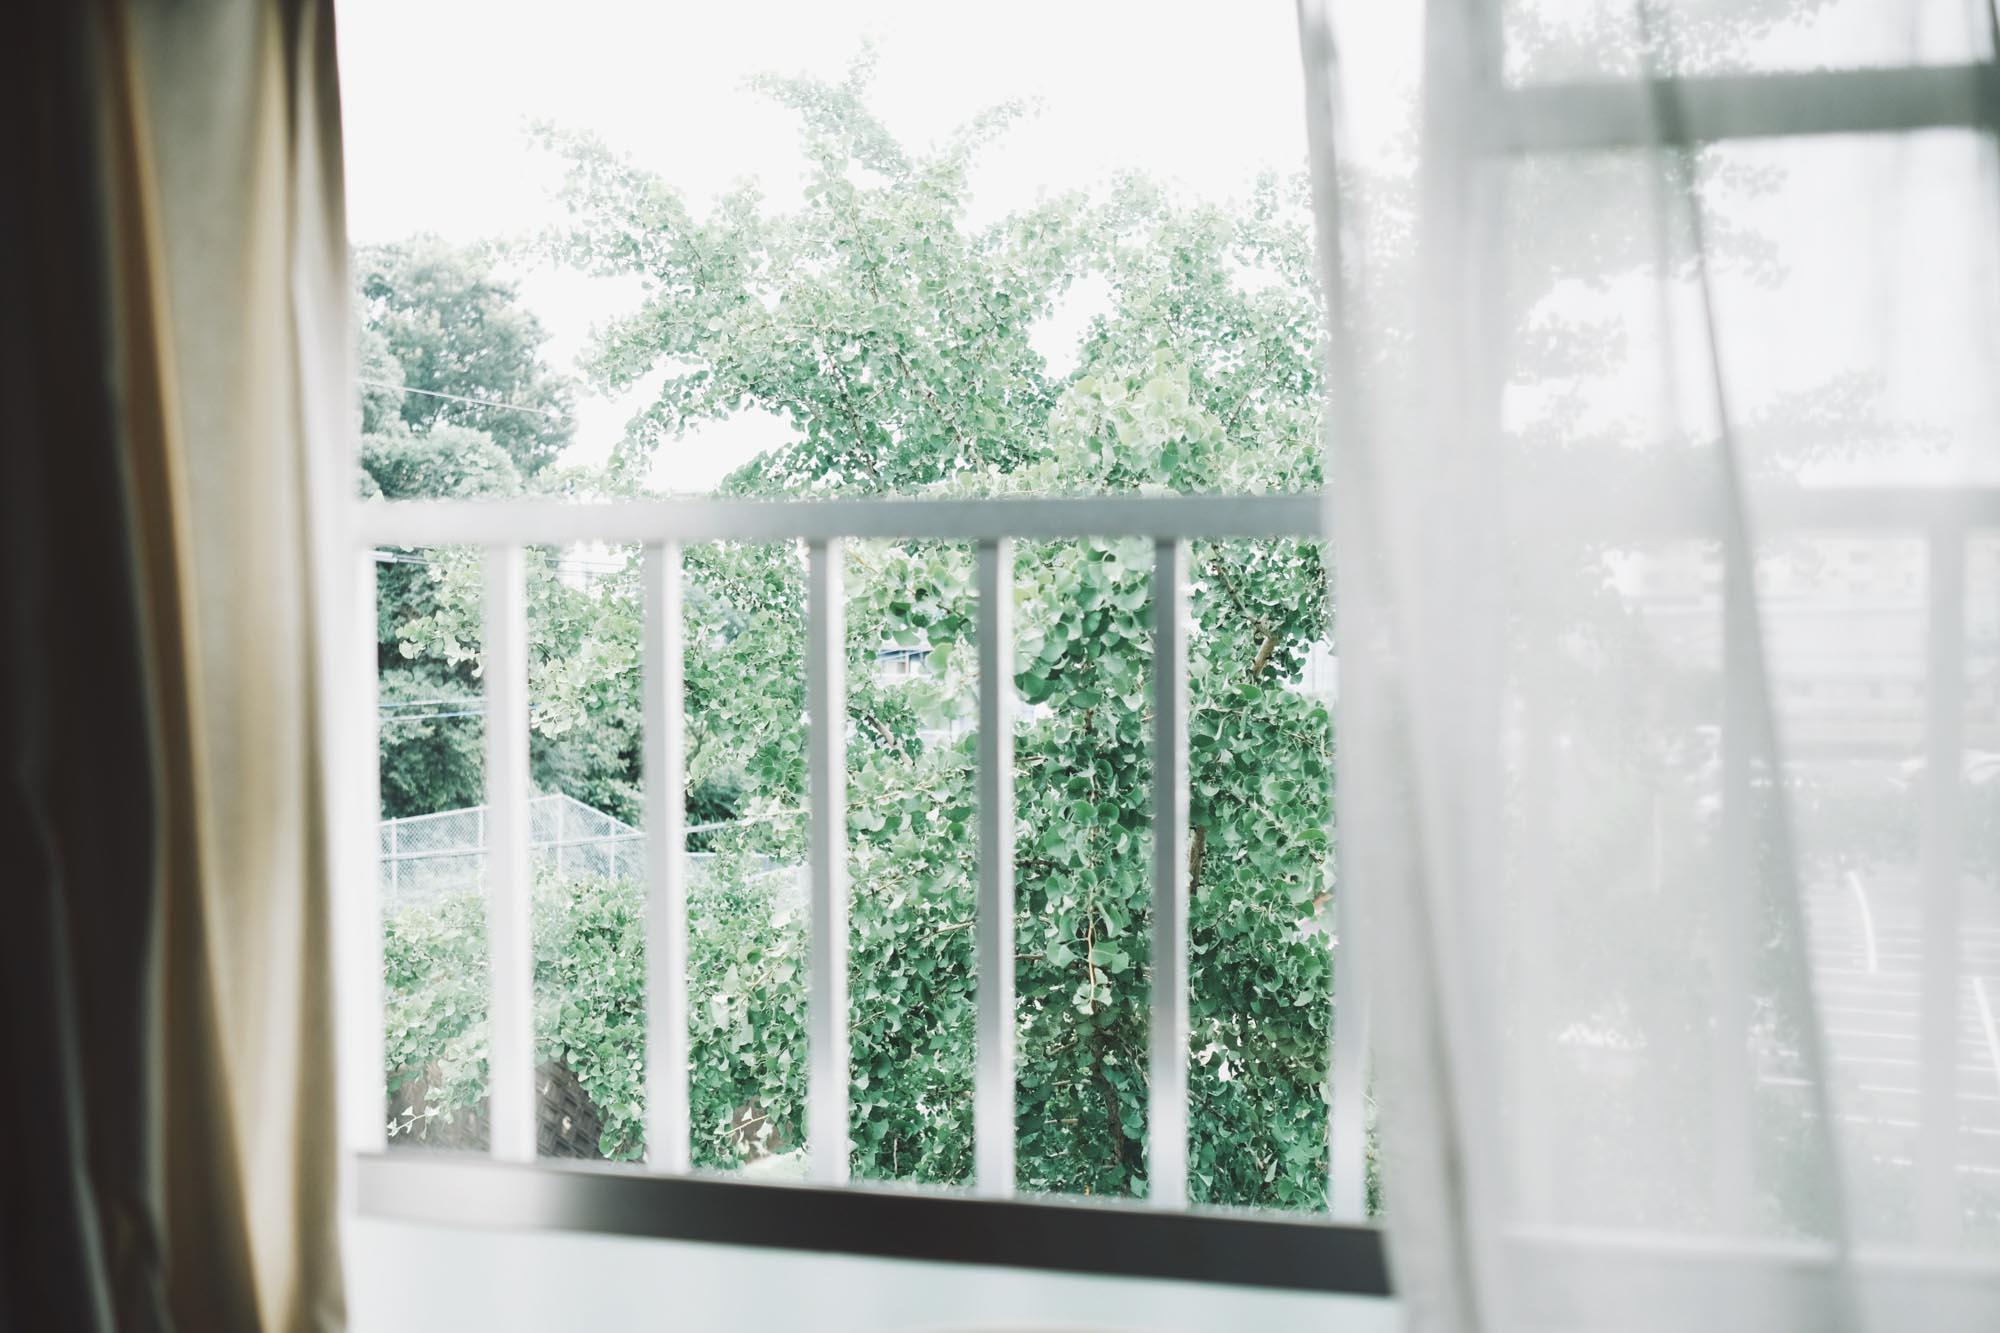 風通しの良い部屋にしよう。一人暮らし、窓が一つでも効果的な対策って?